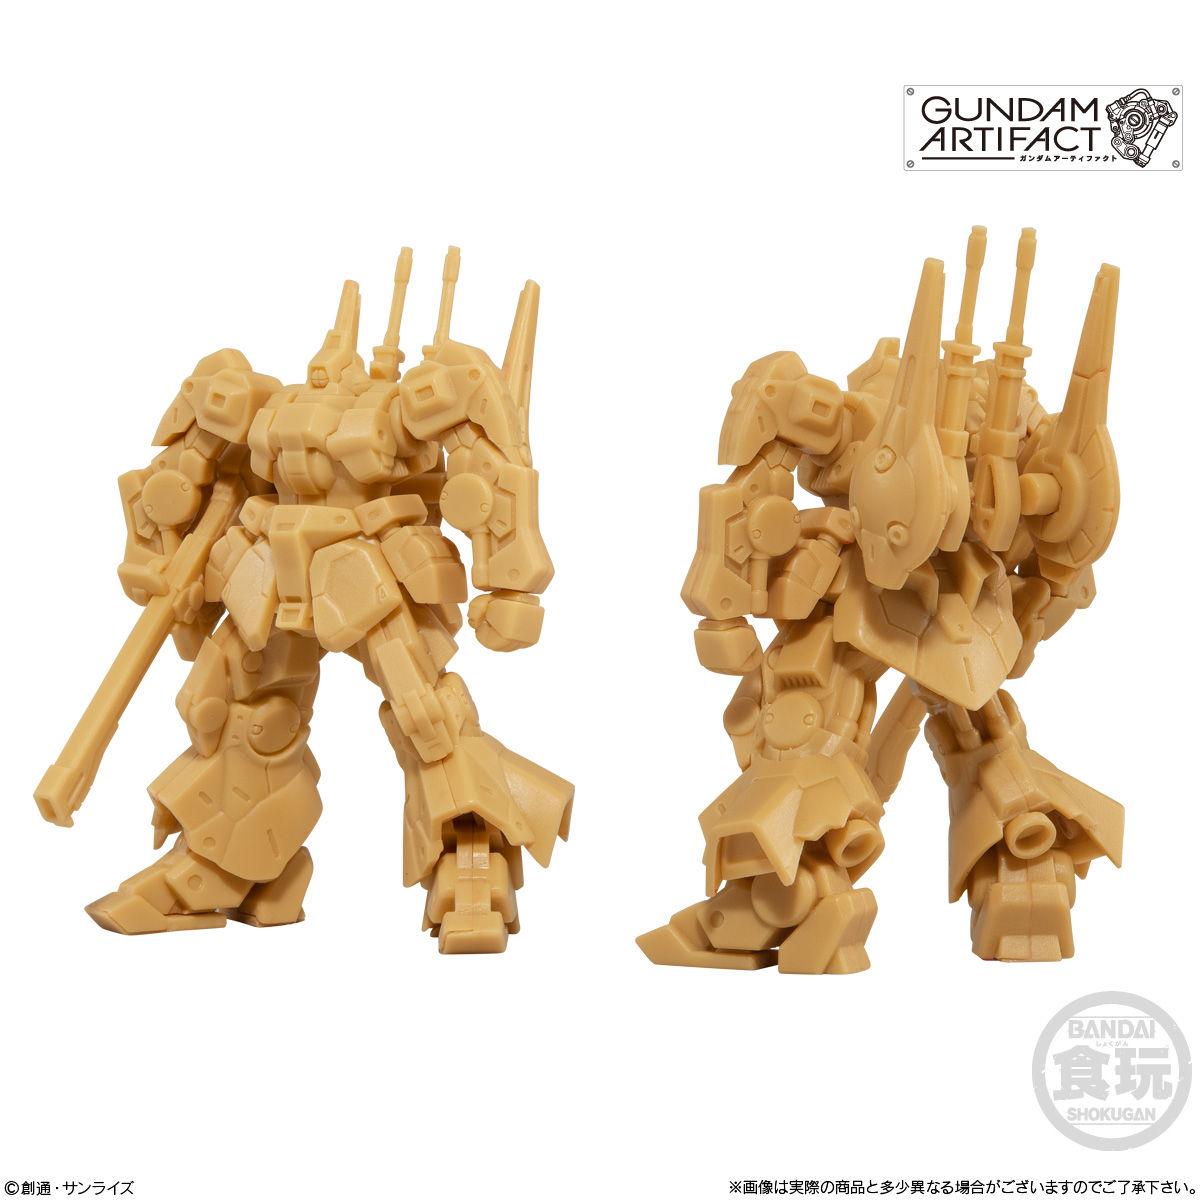 【再販】【食玩】機動戦士ガンダム『ガンダムアーティファクト』プラ製ミニキット 10個入りBOX-002